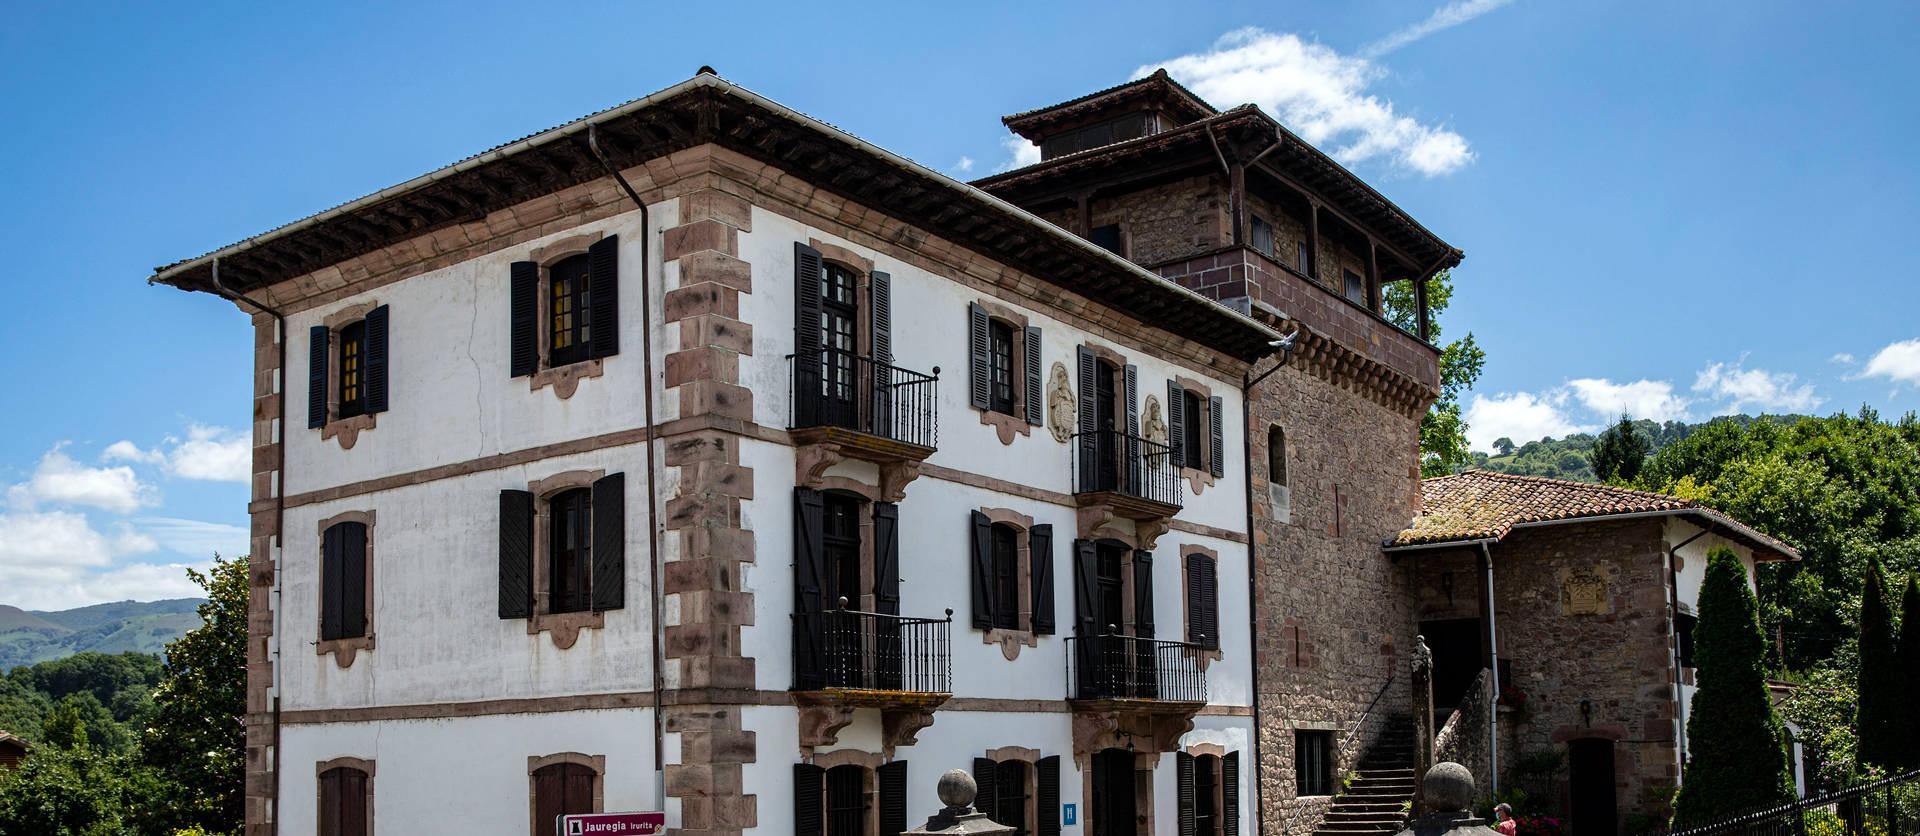 Palacio Jauregia de Irurita, en el que se distingue la torre bajomedieval, del siglo XV, al fondo, y el palacio barroco  anexo, del siglo XVIII.